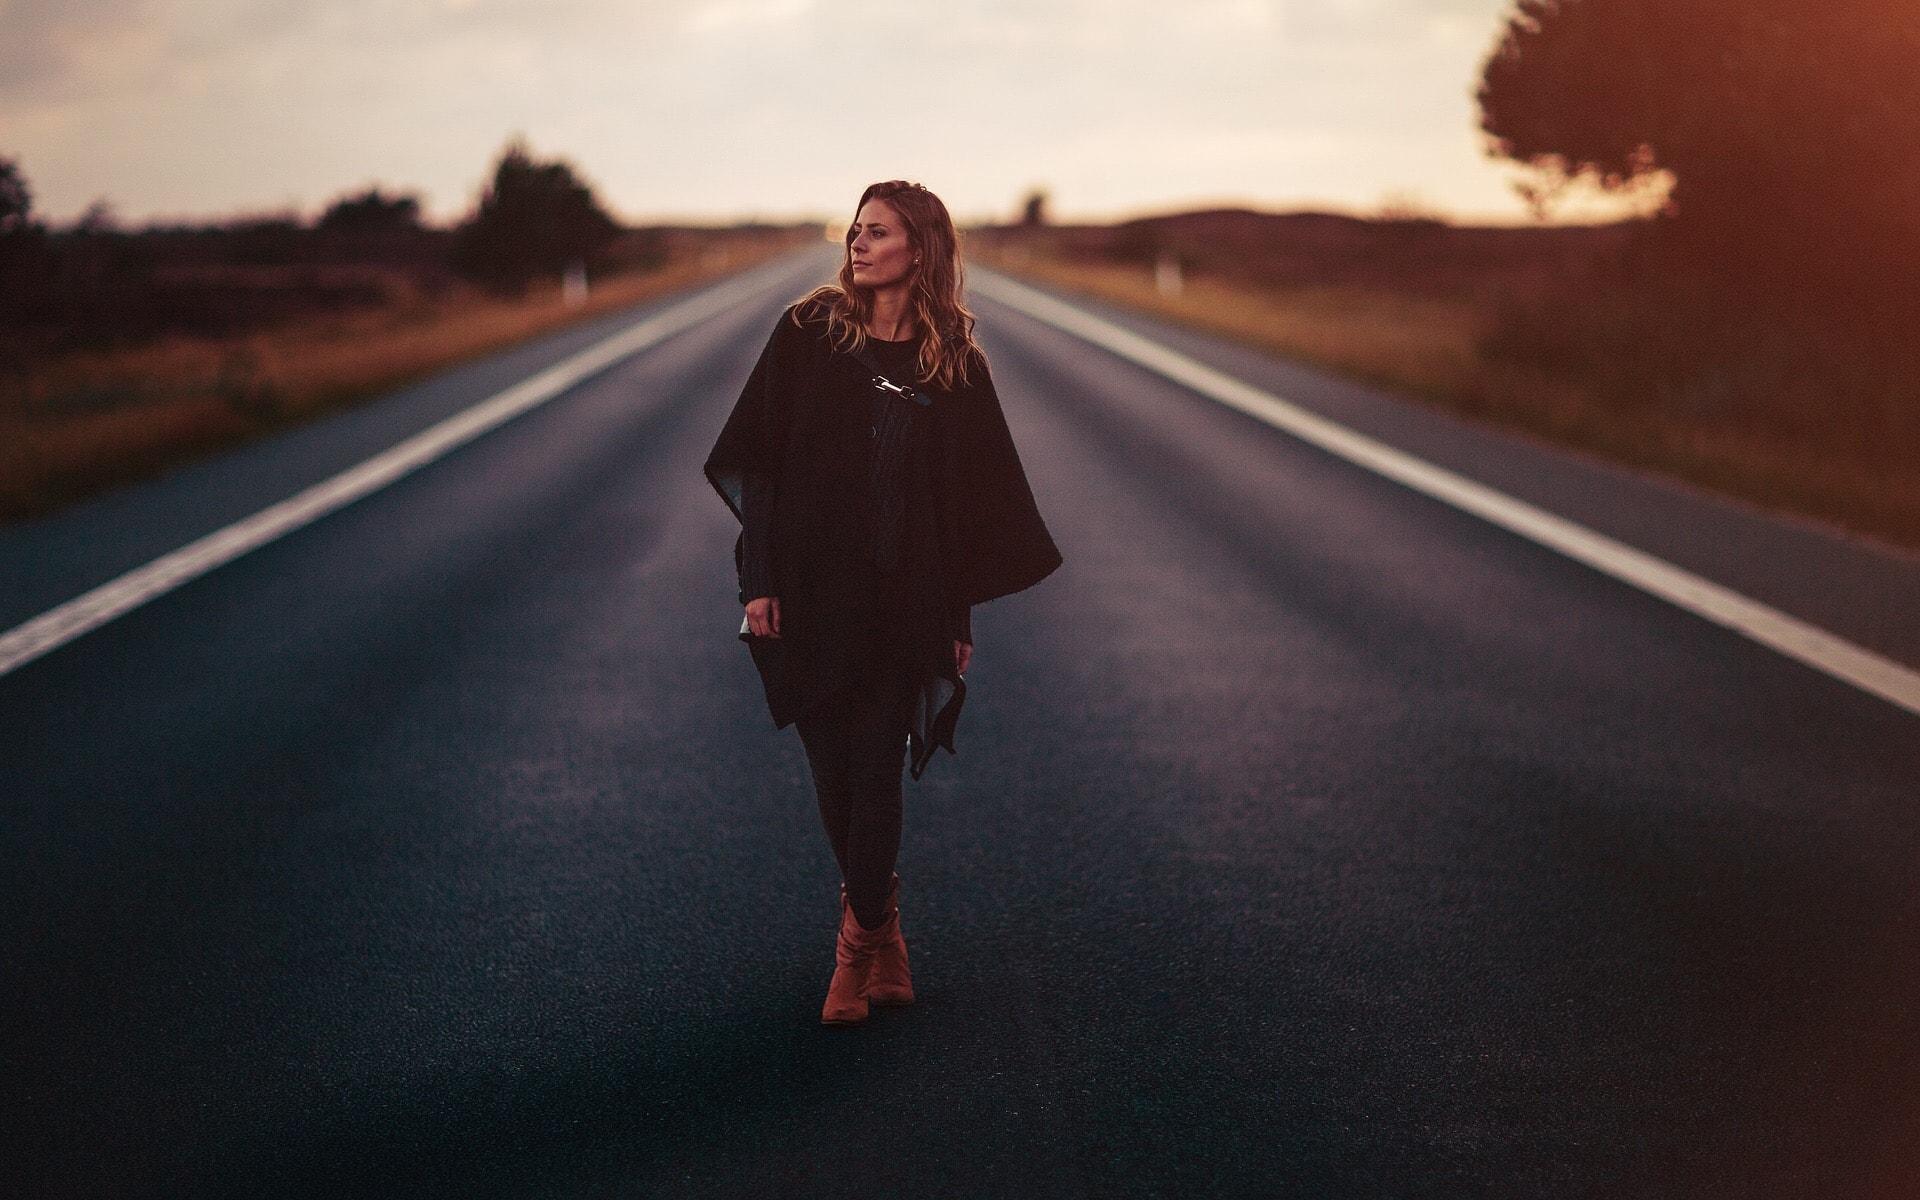 Vrouw poseert op straat